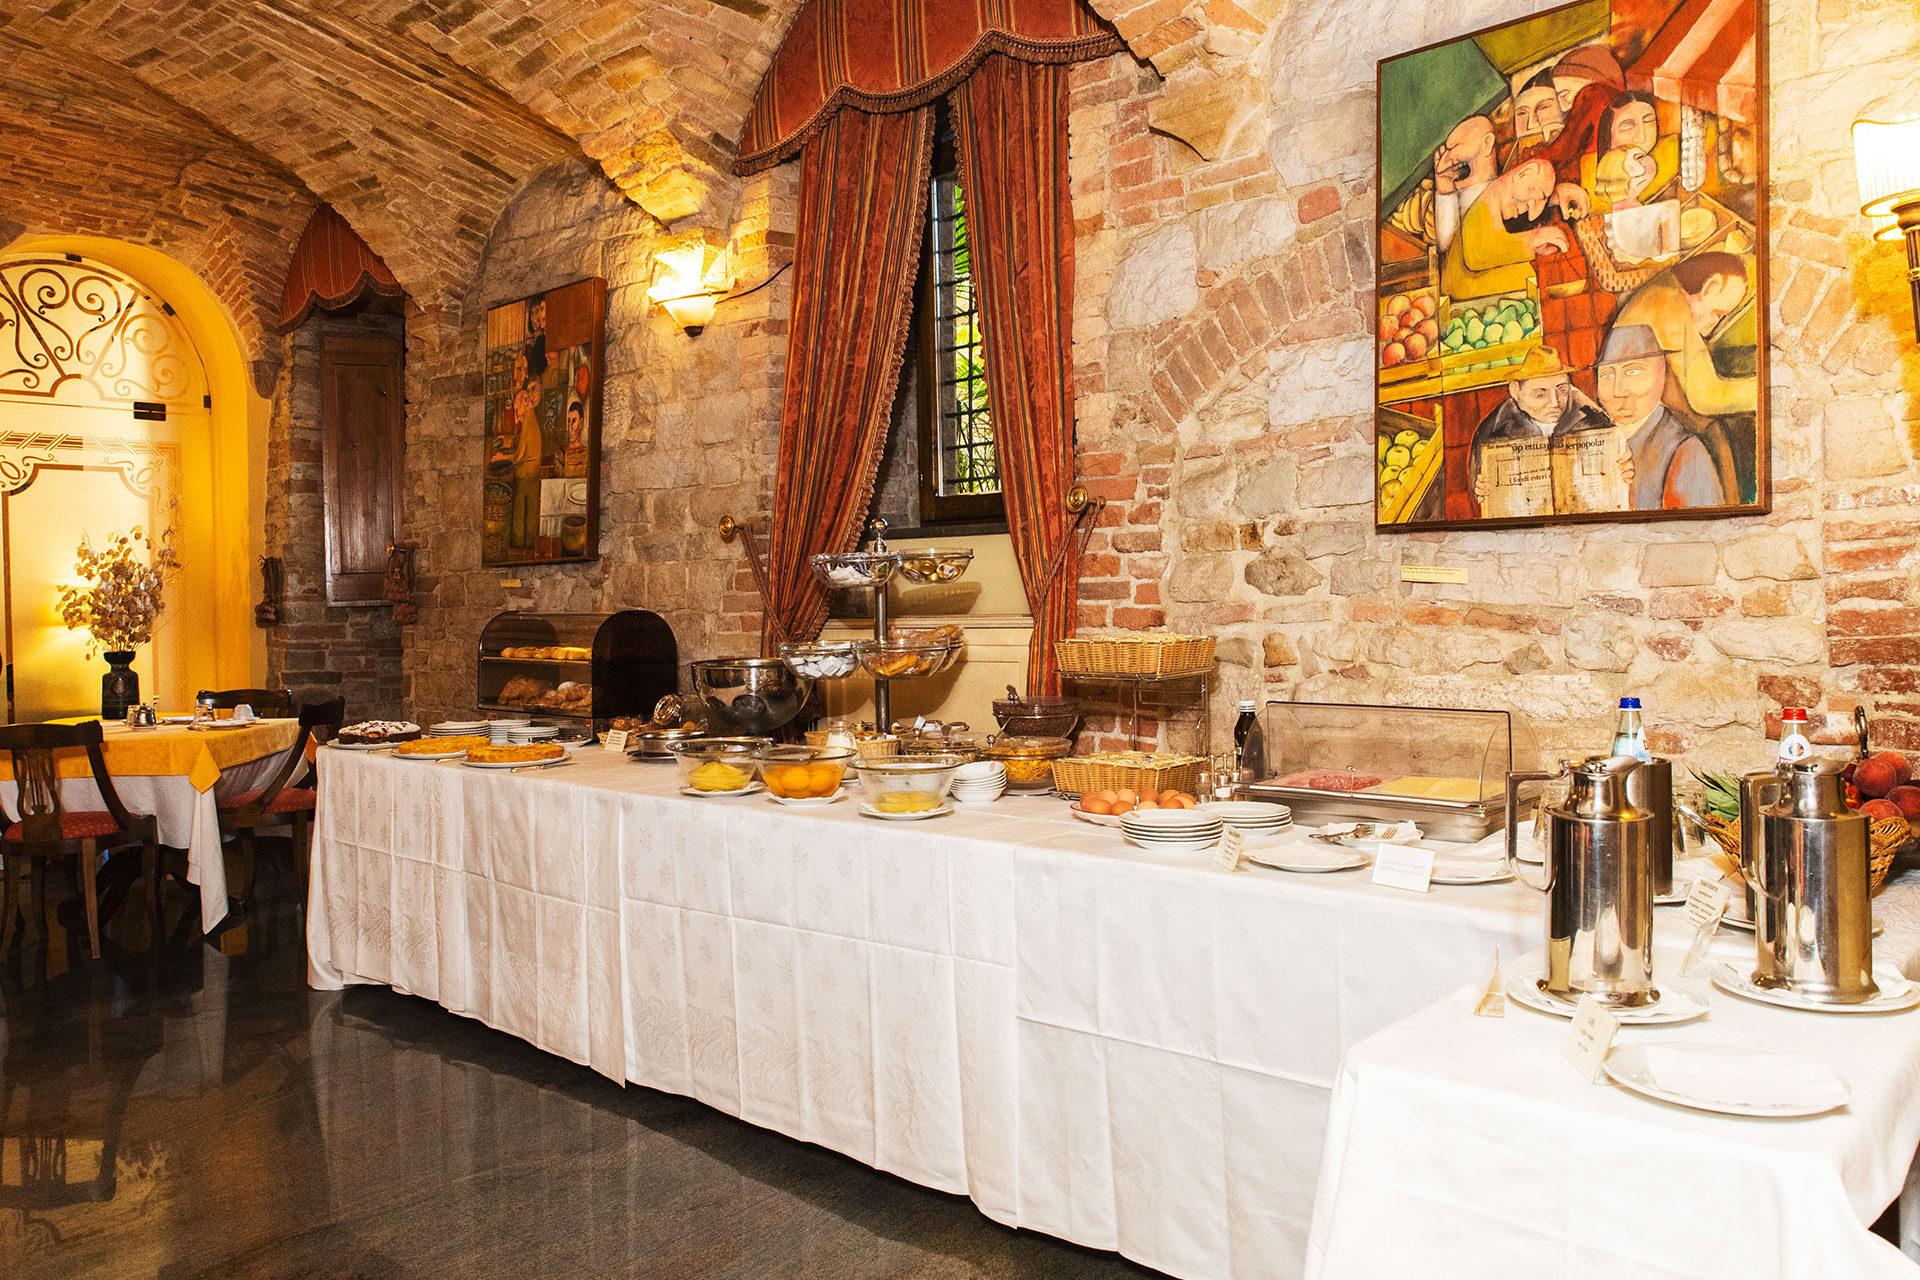 Hotel Fonte Cesia - breakfast - Sala Colazioni